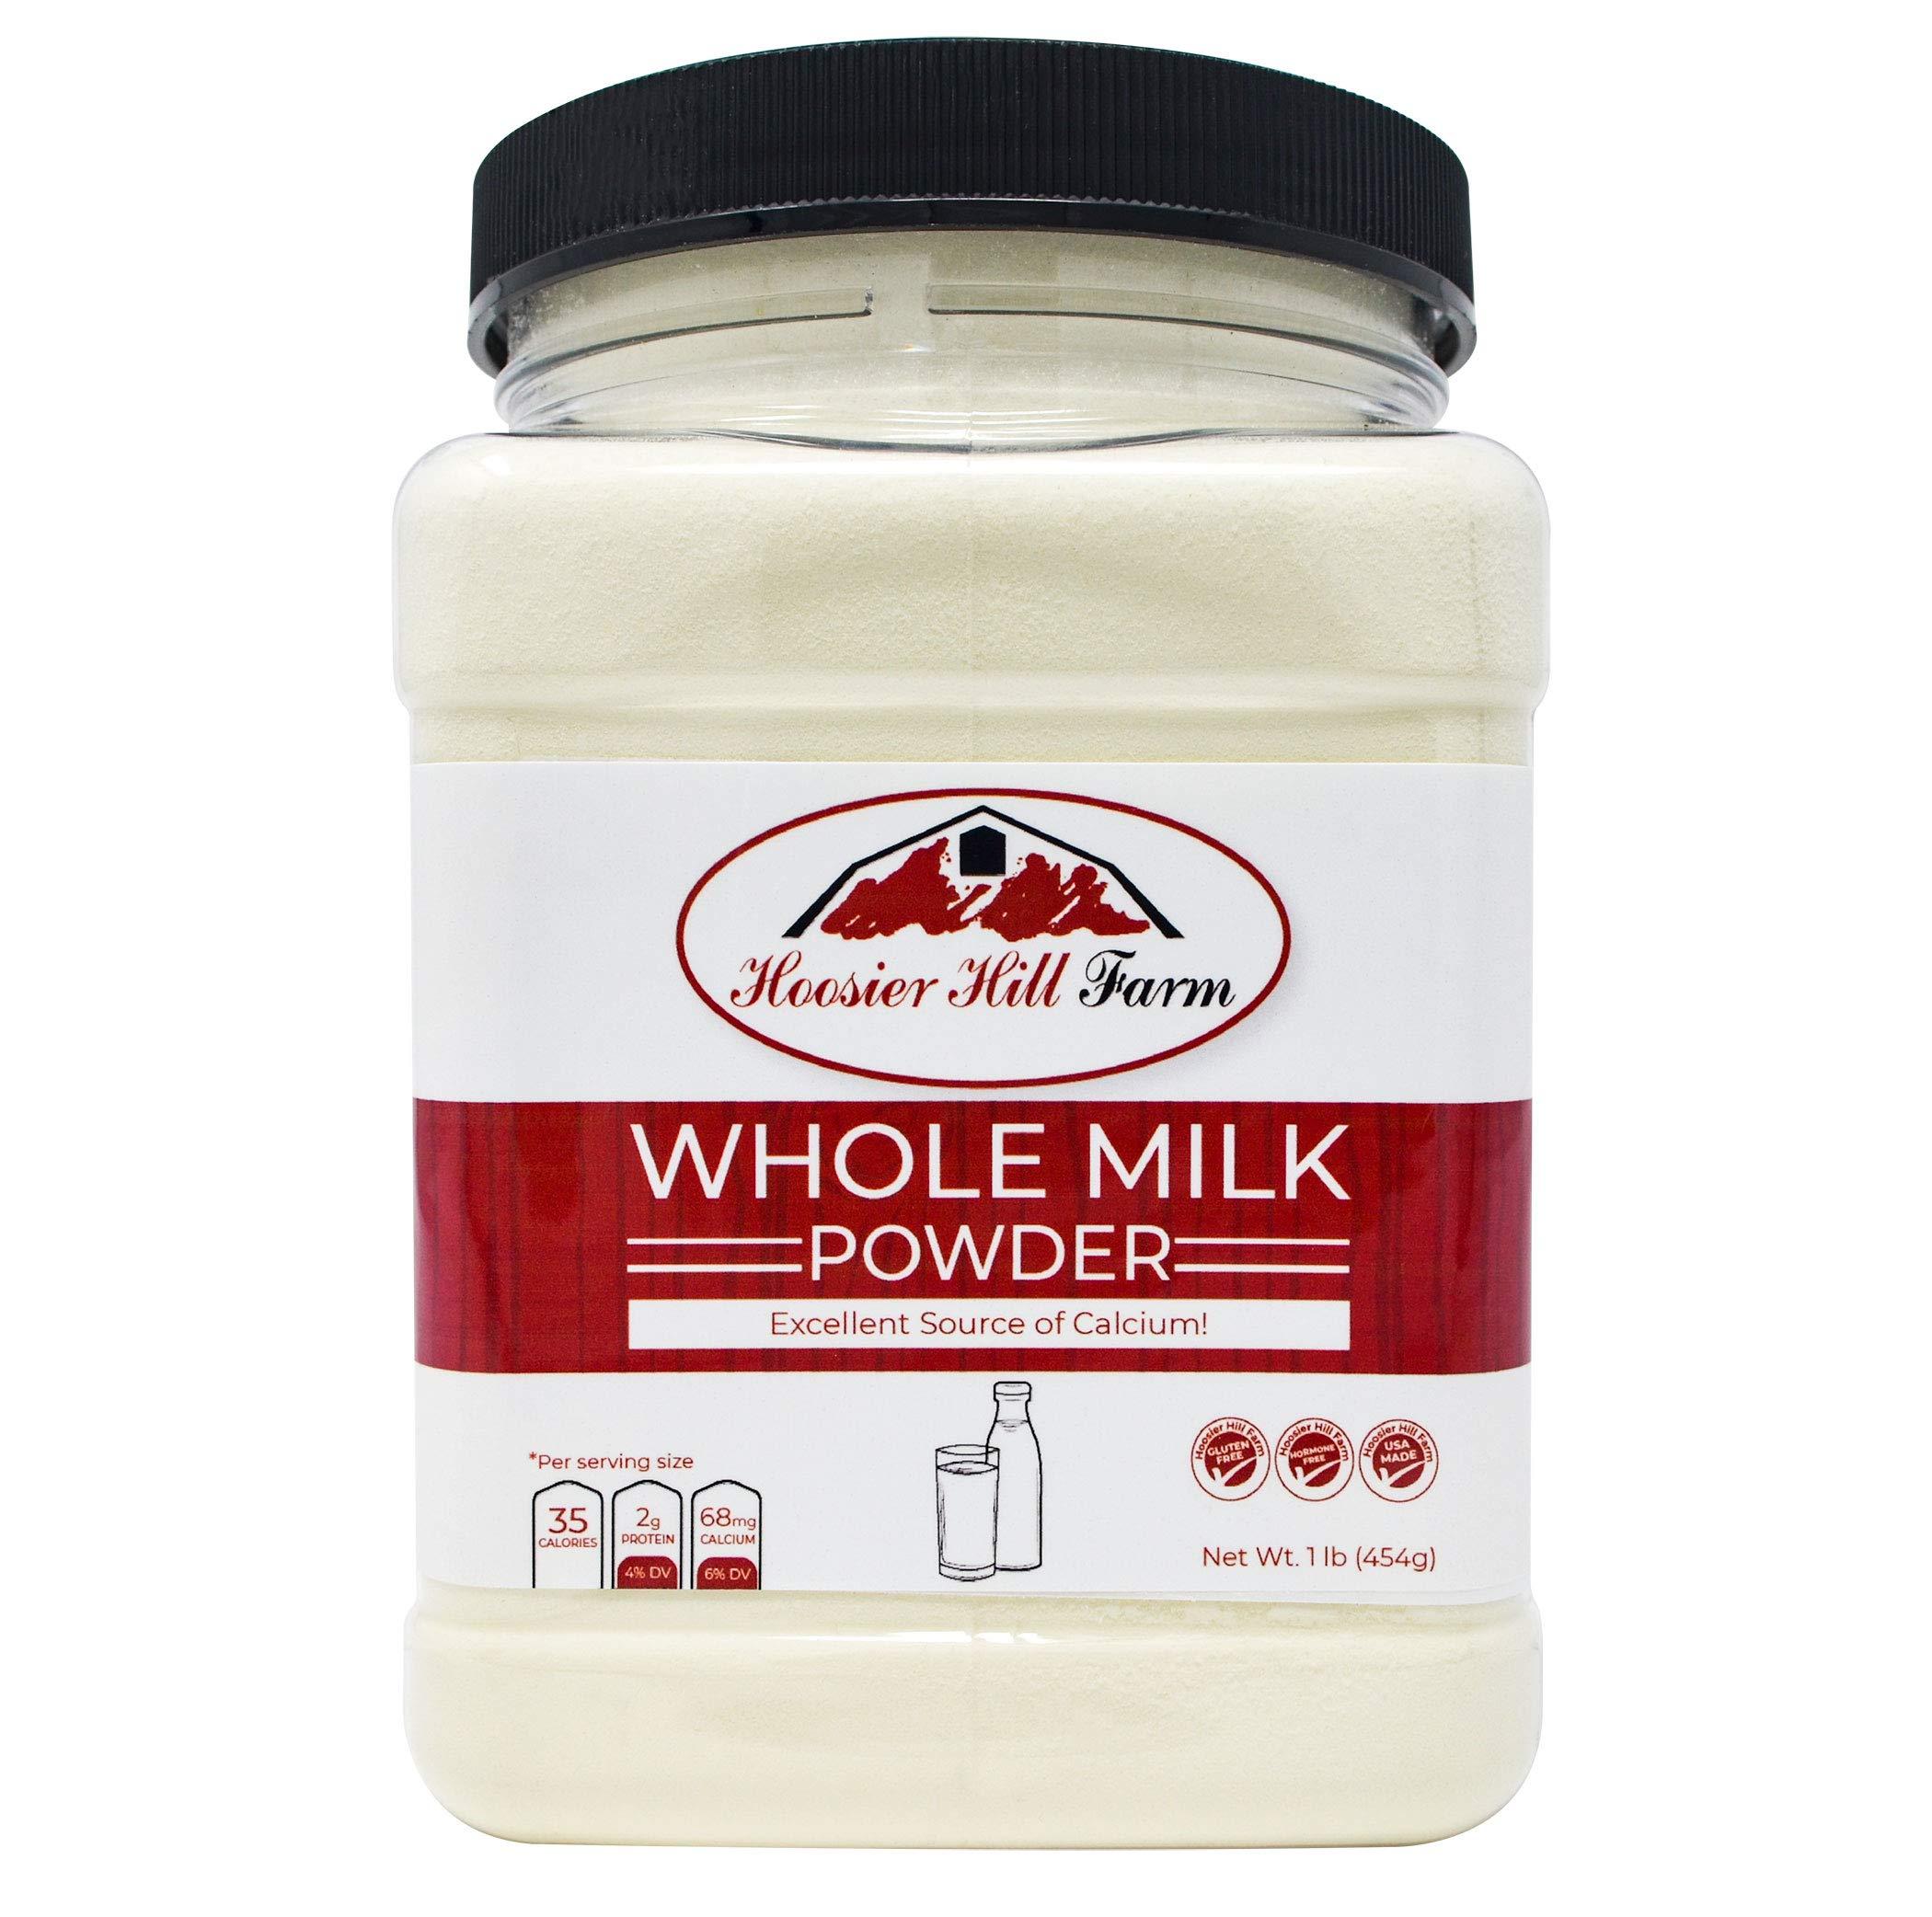 Hoosier Hill Farm All American Whole Milk Powder, 25lb Bulk Hormone Free, No Additives by Hoosier Hill Farm (Image #2)